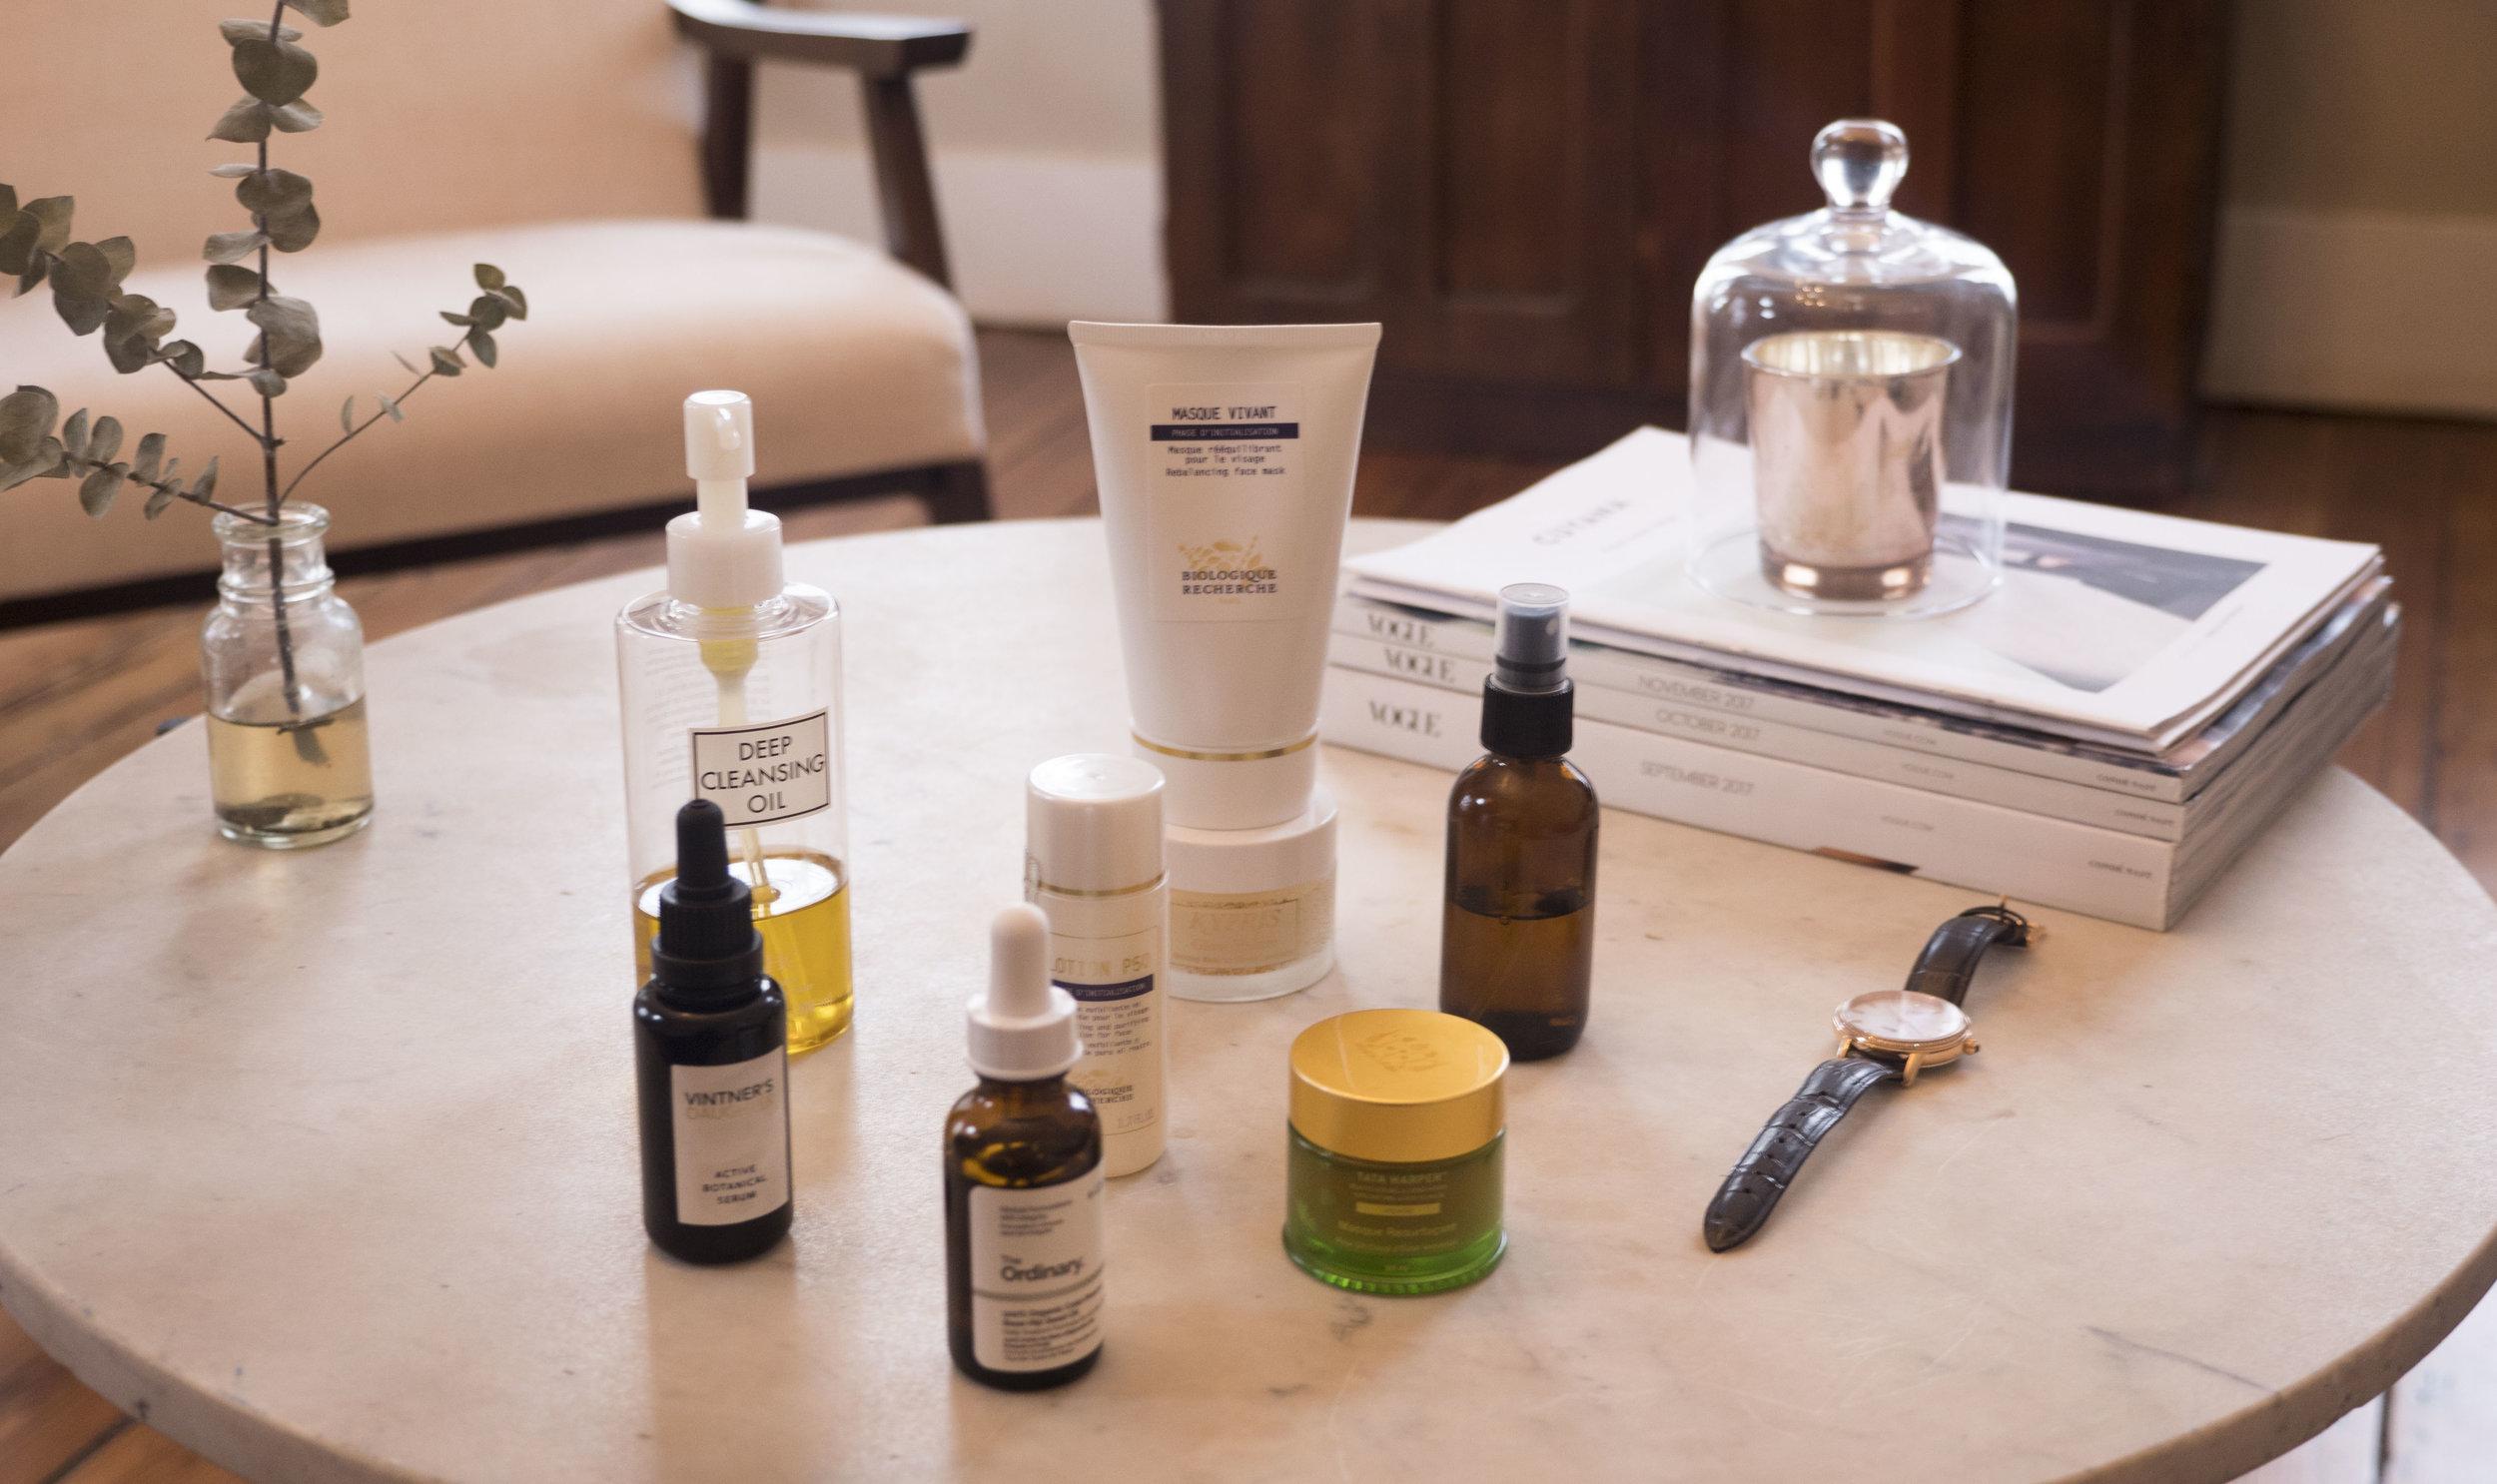 _1011672audrey_a_la_mode_dhc-cleansing-oil-biologique-recherche-p50-vintners-daughter-the-ordinary-minimal-skincare.JPG